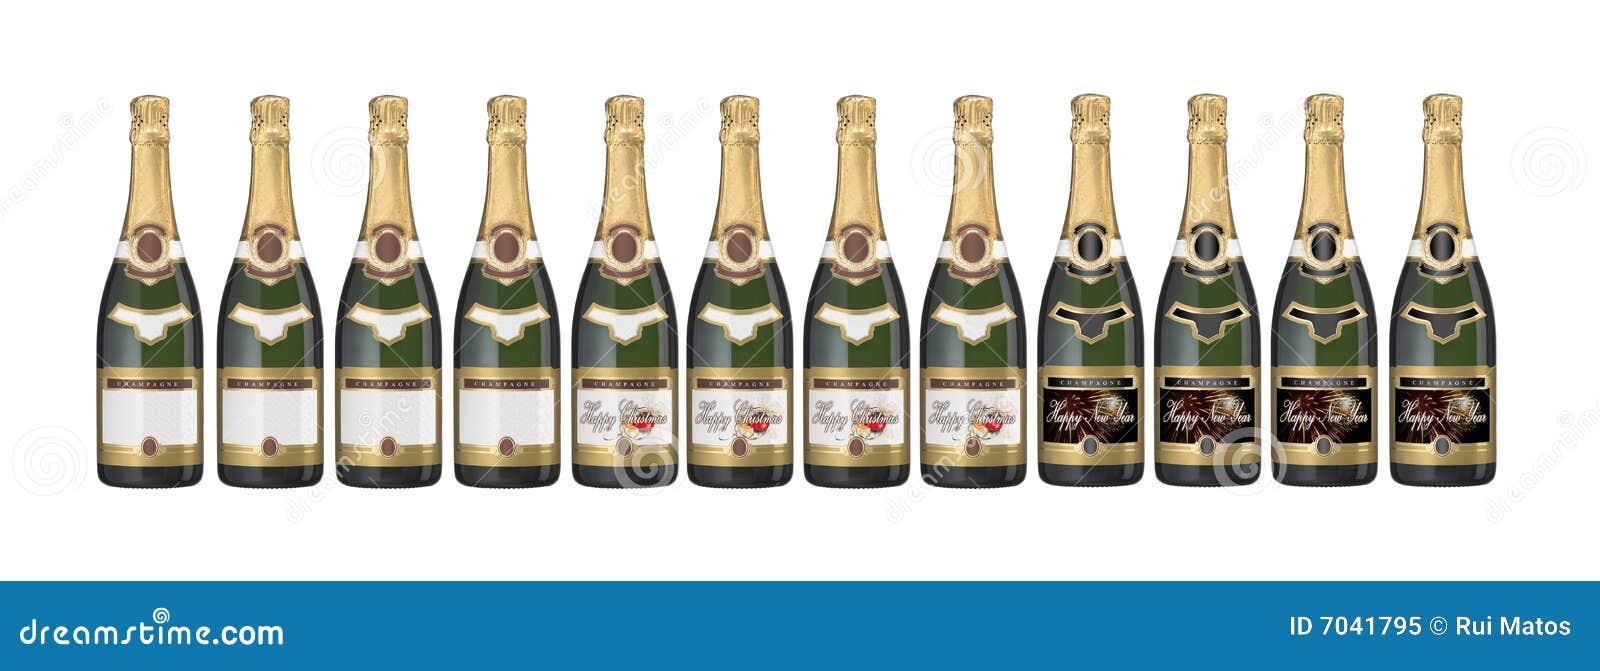 Frascos de Champagne com diversas etiquetas